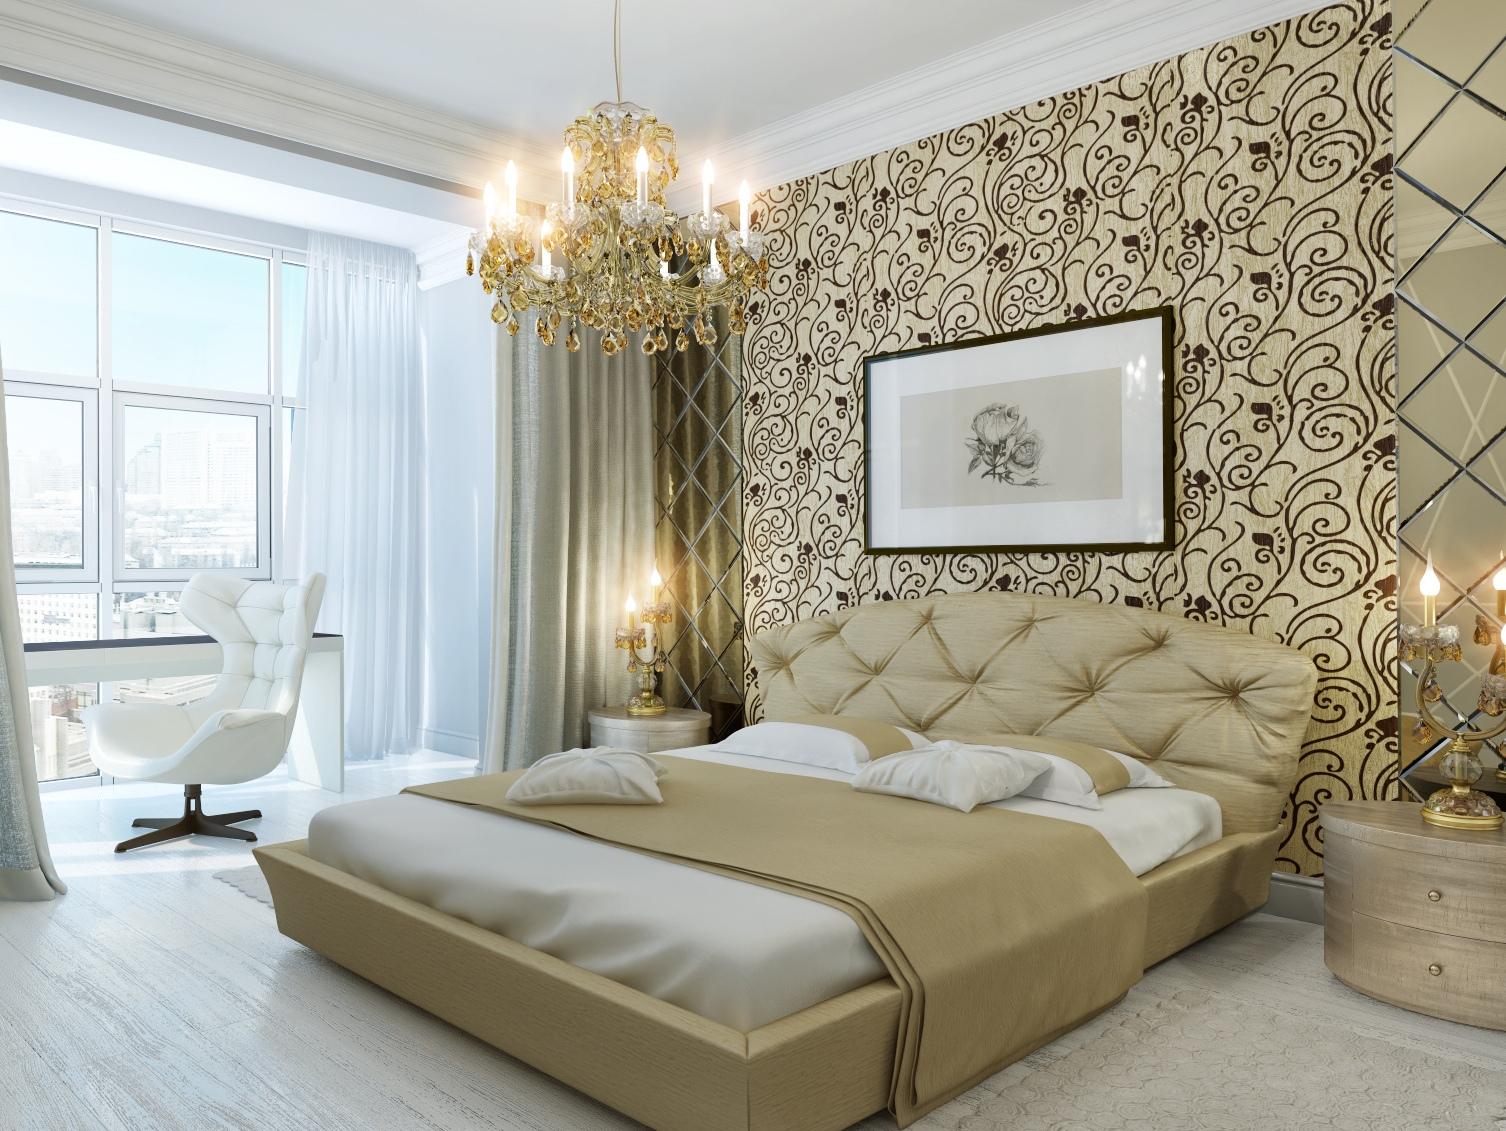 Кремово-белая современная спальня с зеркальными панелями